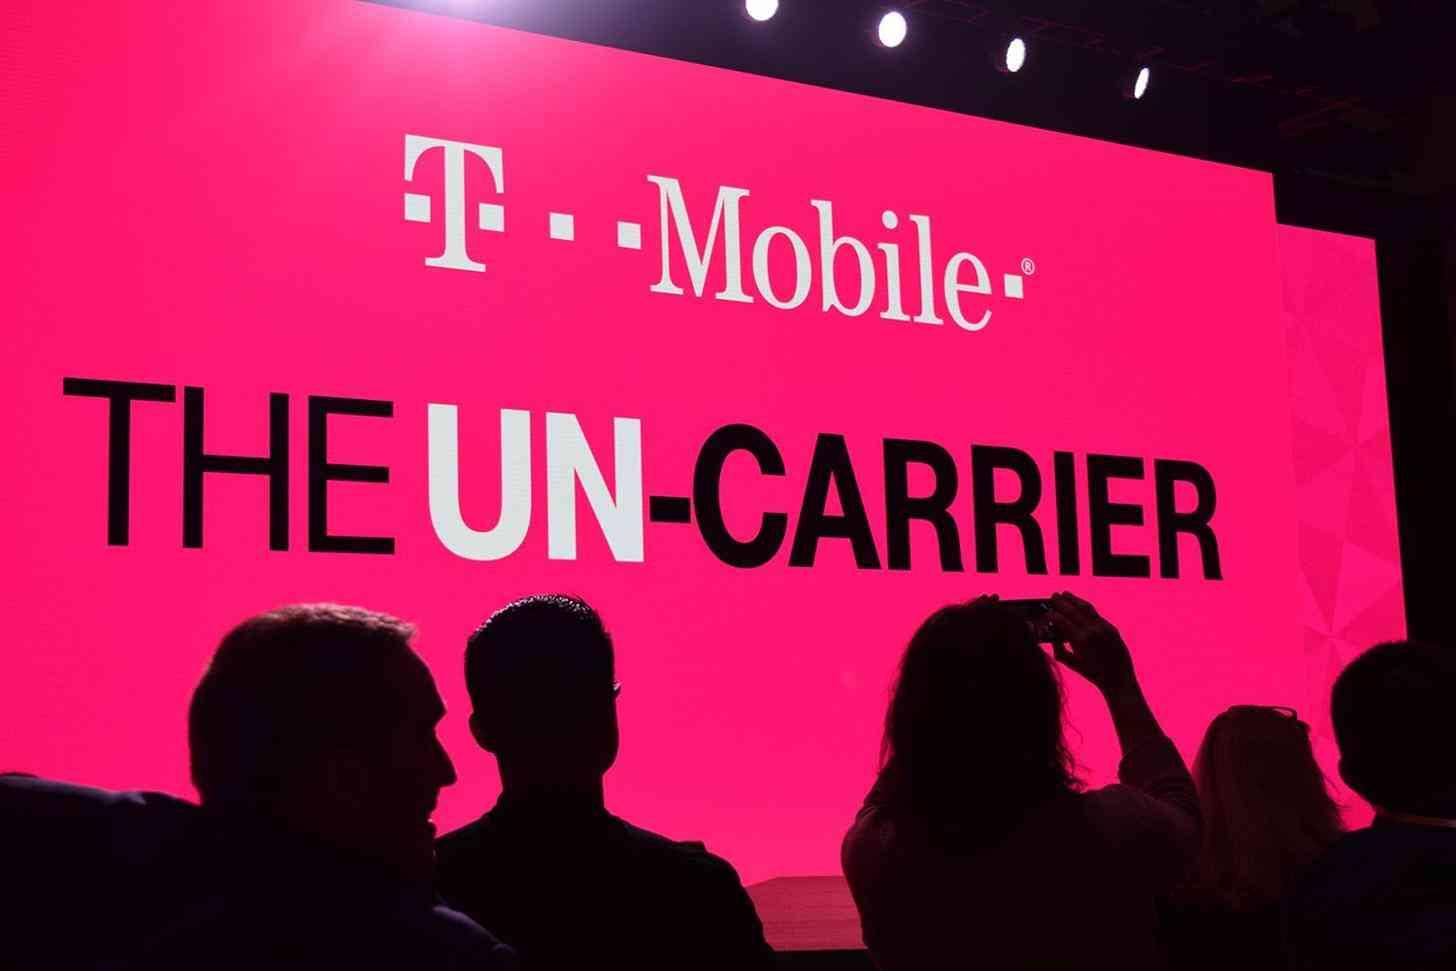 与Sprint合并后 Un-carrier能否继续为T-Mobile带来成功?